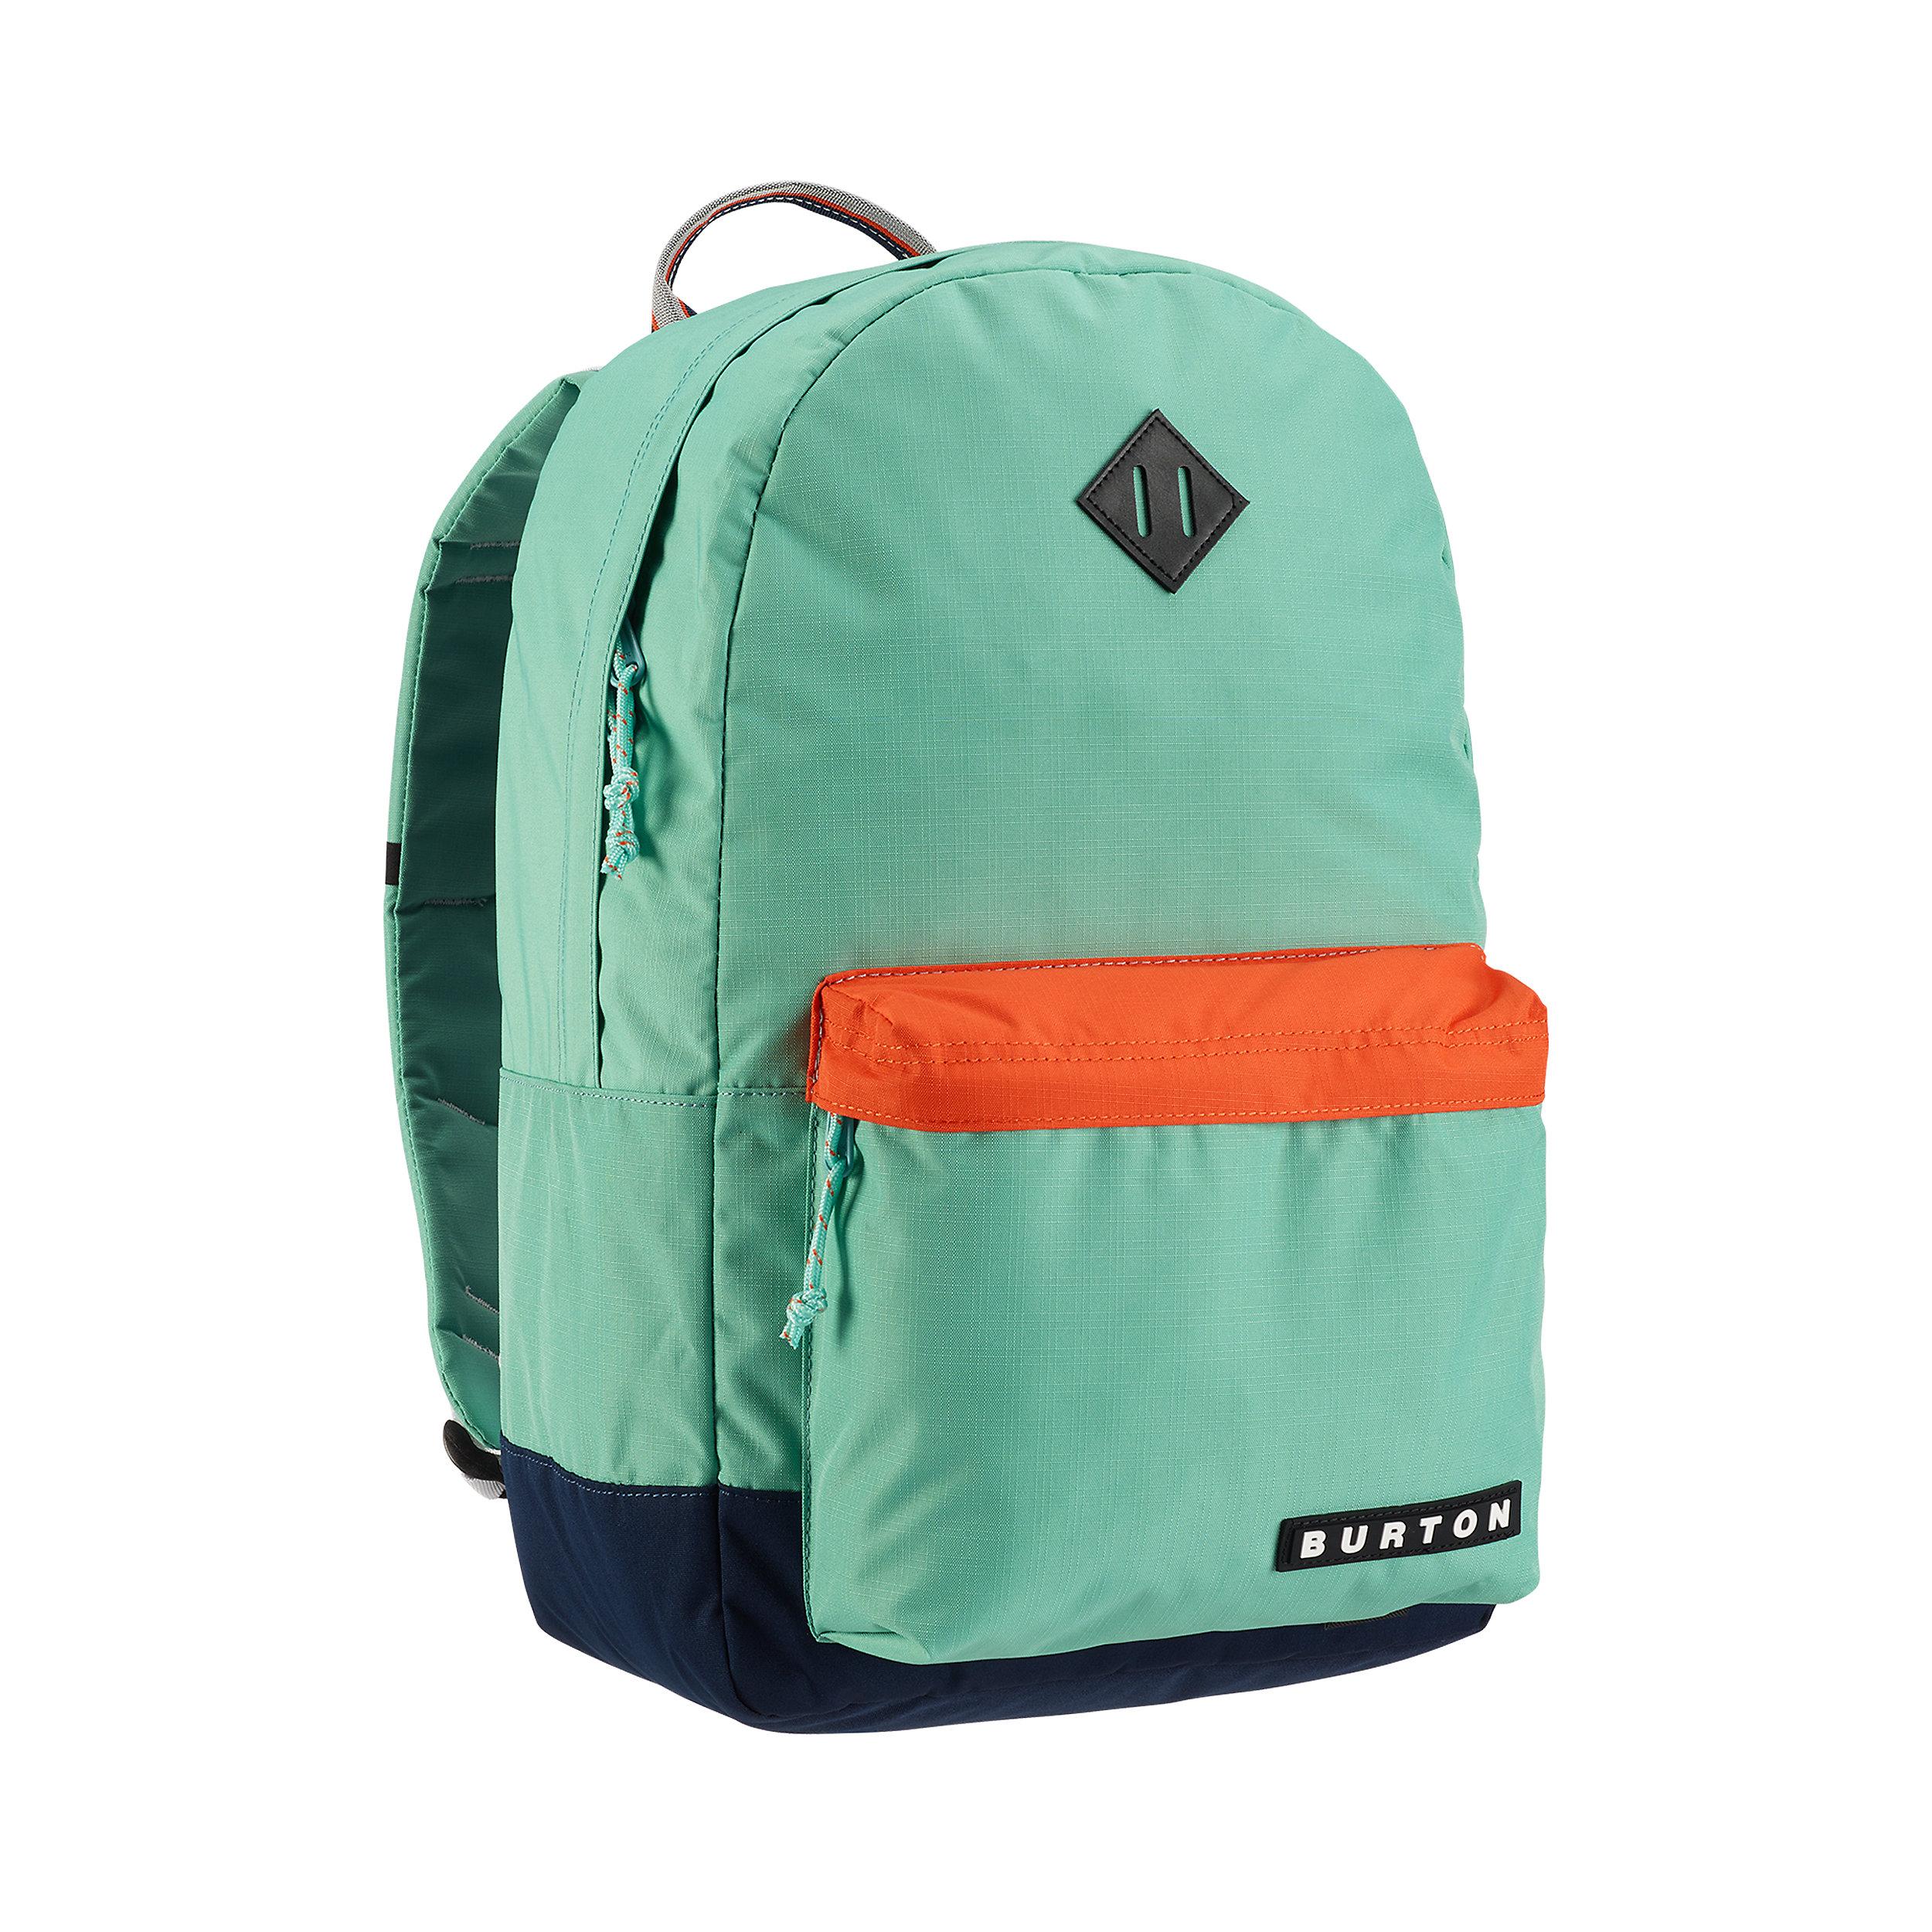 Backpack Kettle 14,5 inch 20 Liter